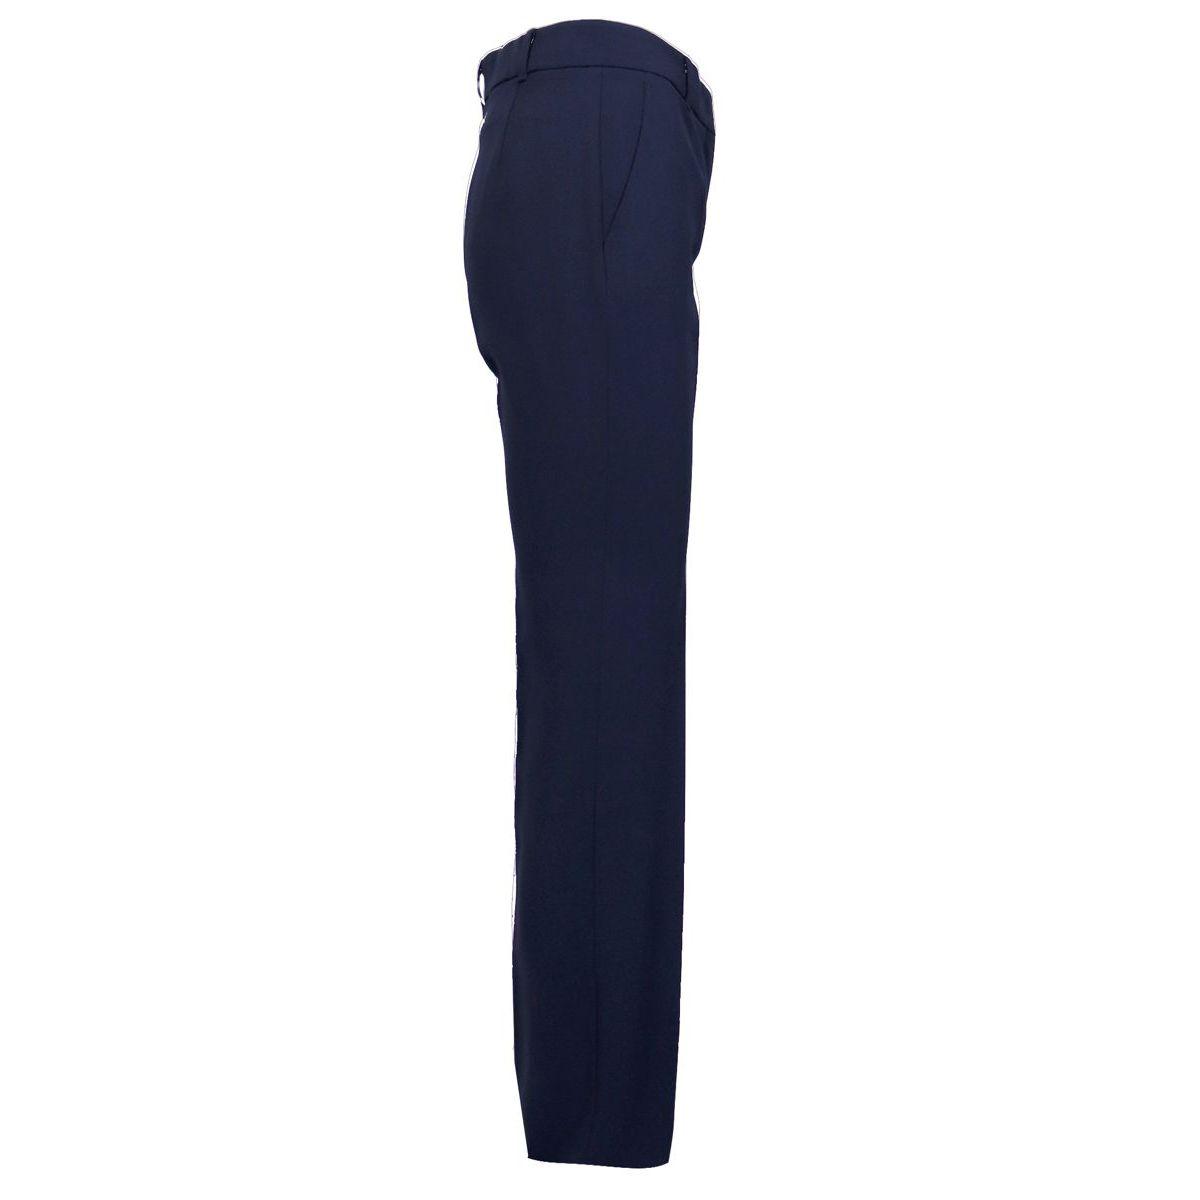 CELIA crepe tube trousers Blue Max Mara